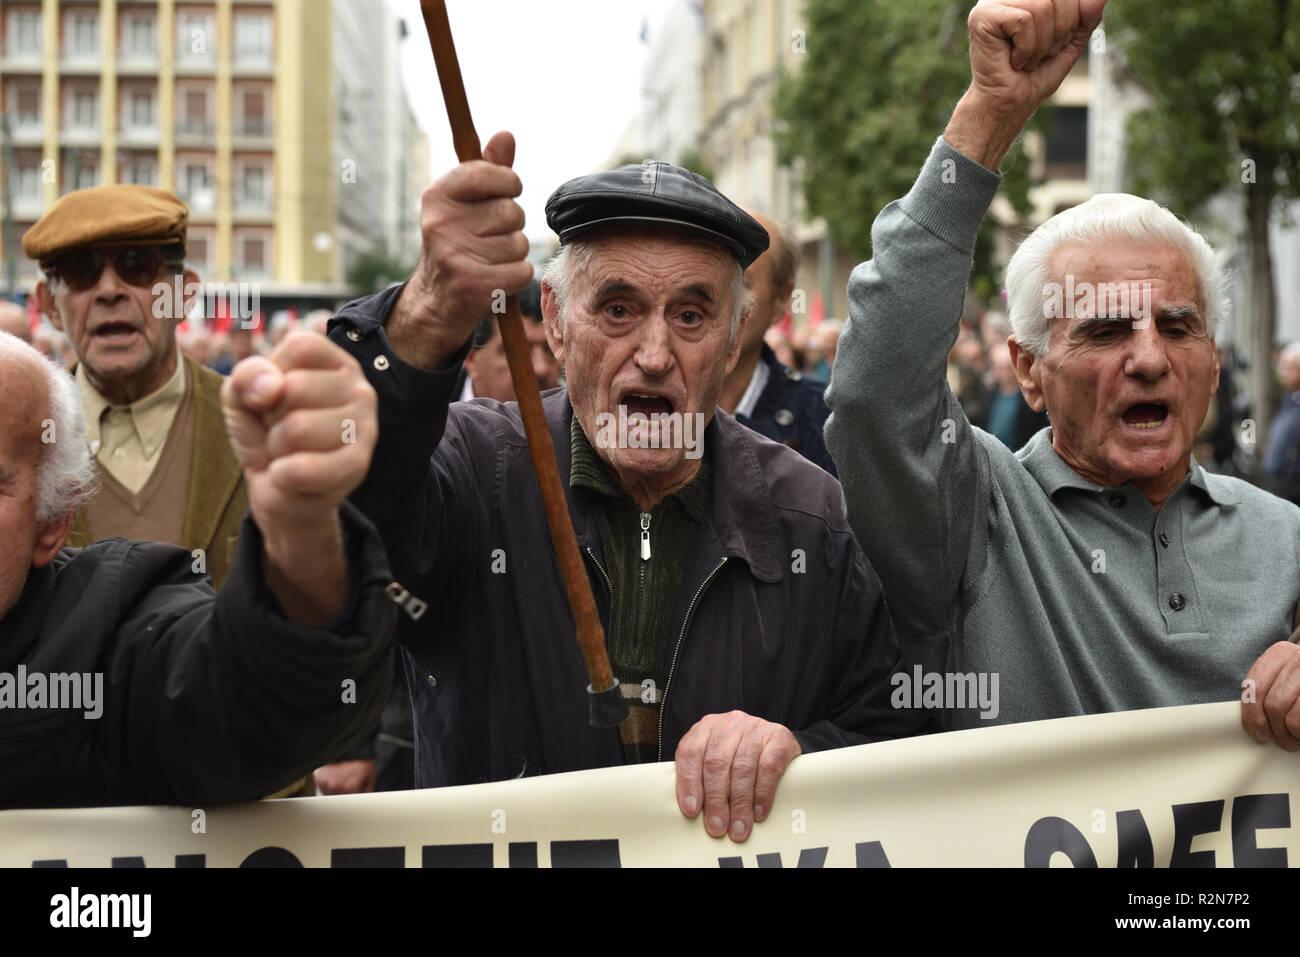 Atenas, Grecia. 20 Nov 2018. Los pensionistas celebrar protestas masivas en contra de los recortes en las pensiones y prestaciones en Atenas, Grecia. Crédito: Nicolas Koutsokostas/Alamy Live News. Imagen De Stock